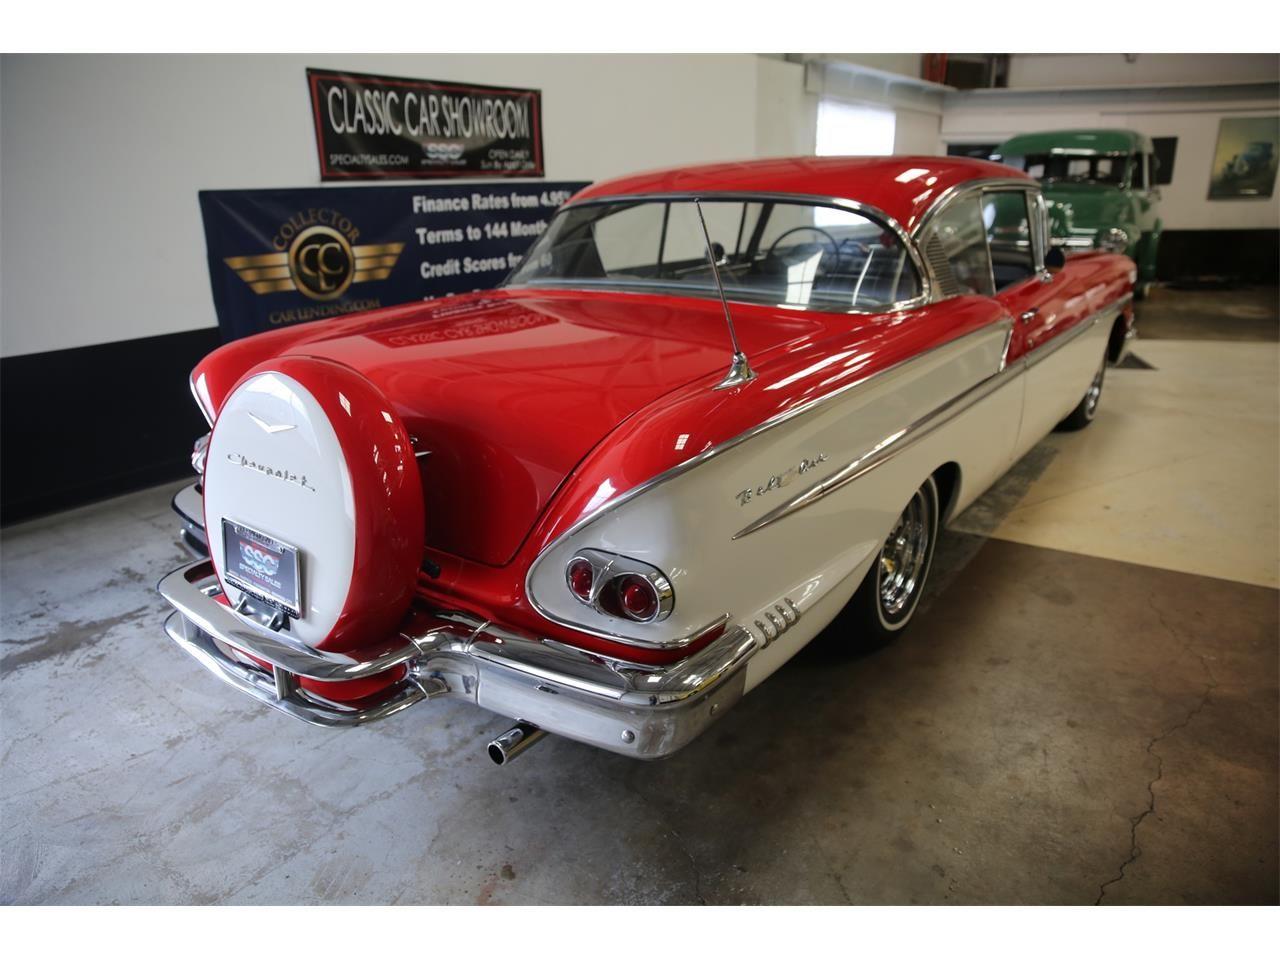 1958 Chevrolet Bel Air Till Salu Classiccars Com Cc 953 155 Chevrolet Bel Air Bel Air Chevrolet